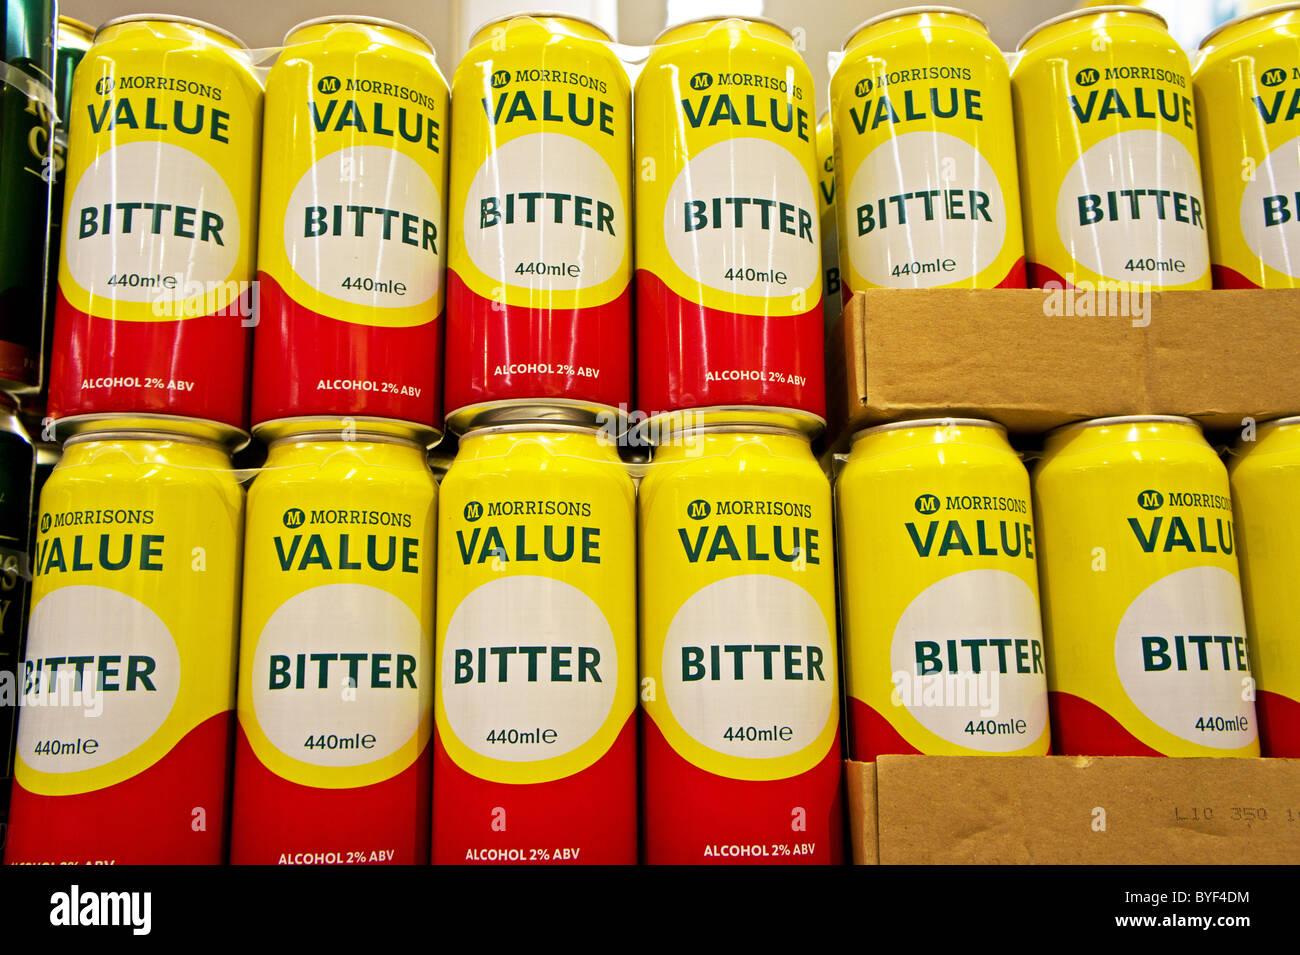 A buon mercato lattine di birra lager economici lattine di birra in un supermercato Morrisons, Regno Unito Immagini Stock